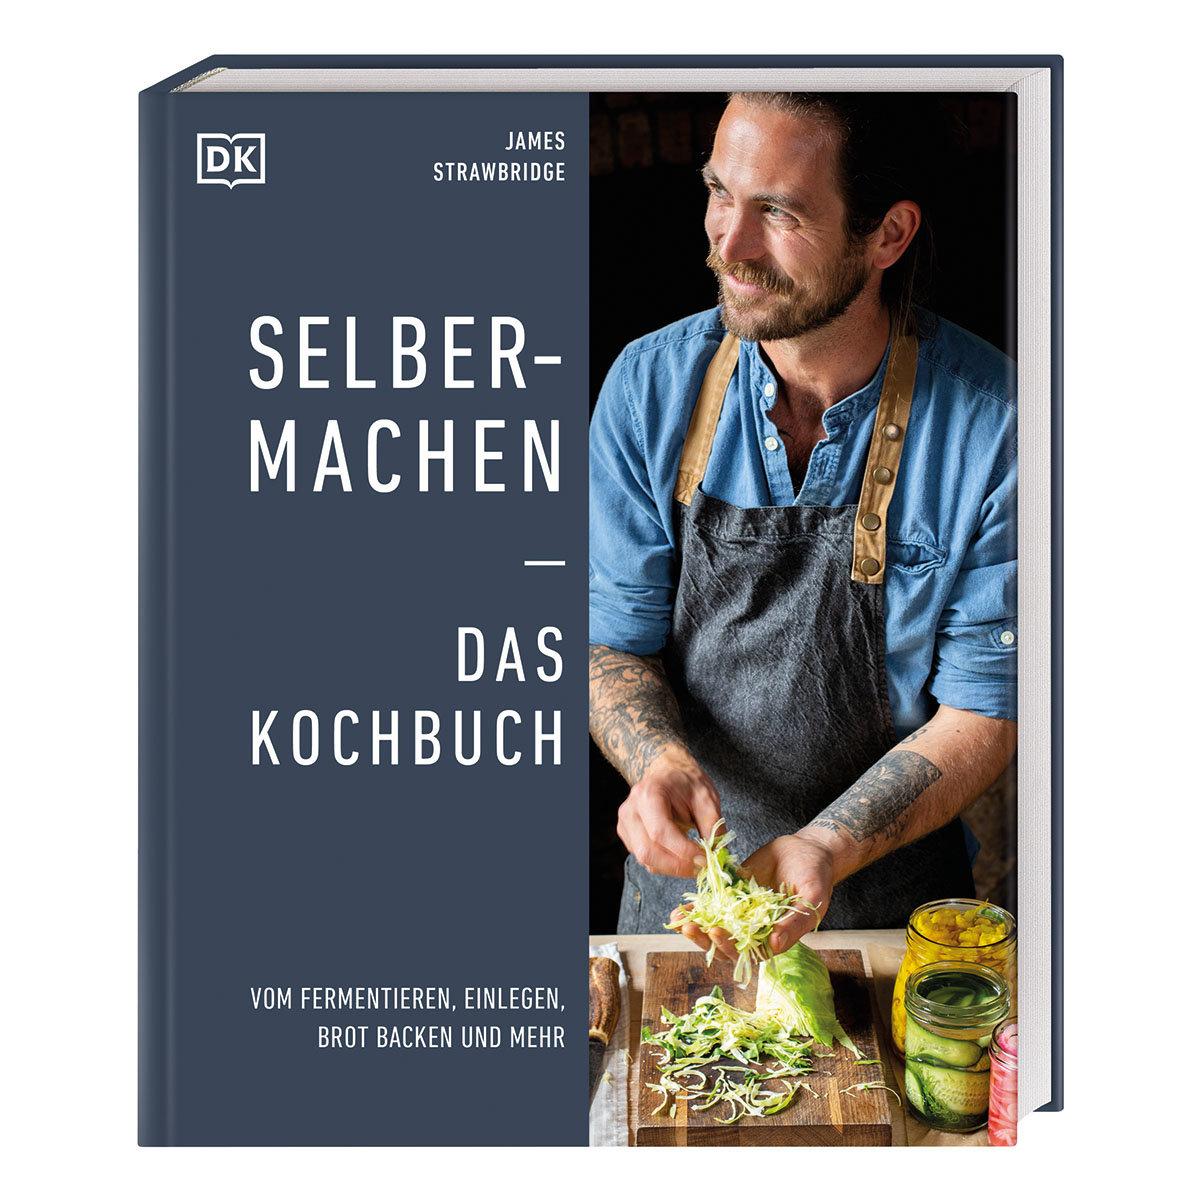 Selbermachen - Das Kochbuch